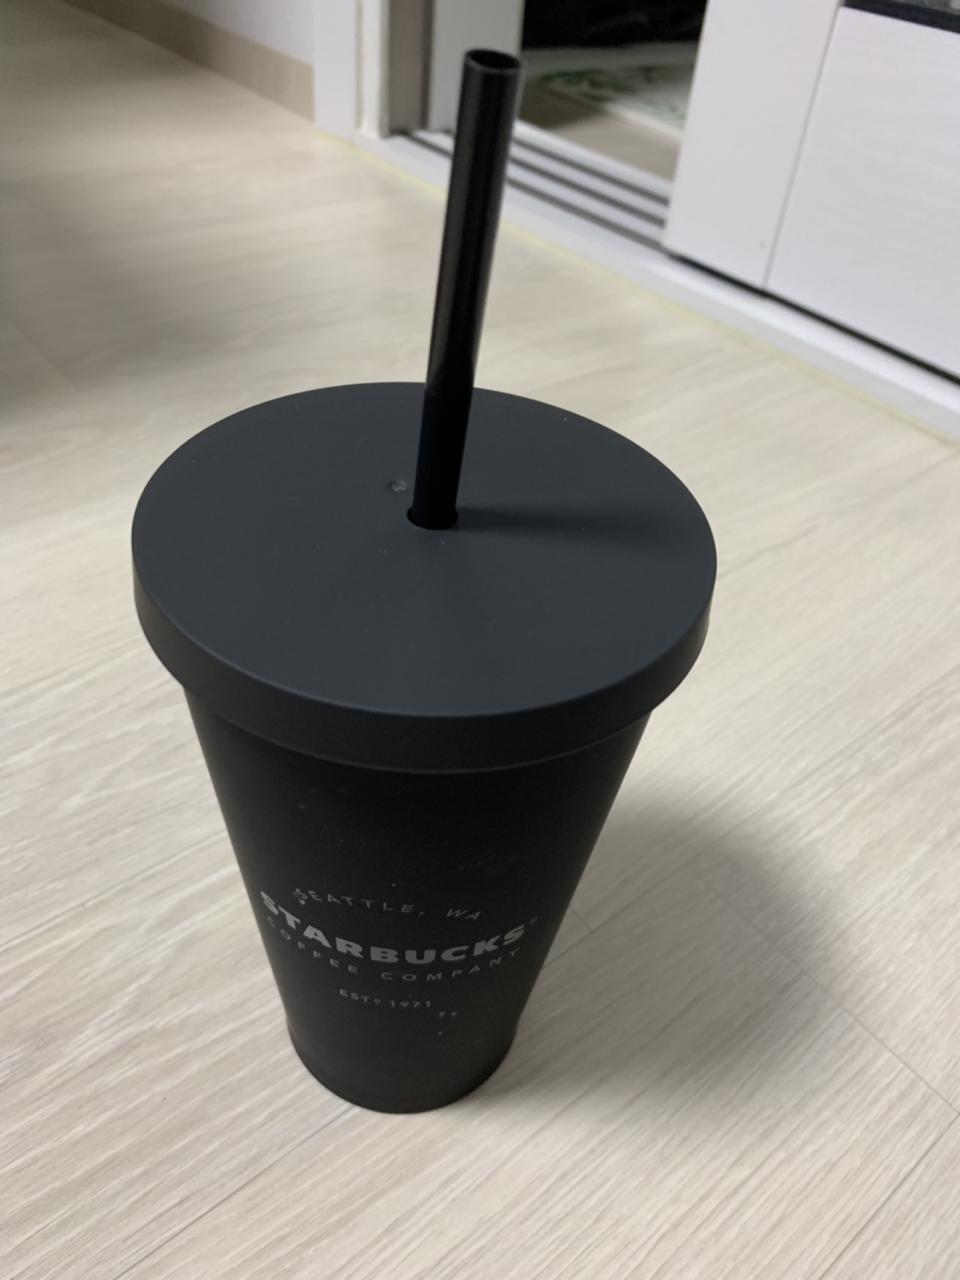 스타벅스 매트블랙 콜드컵